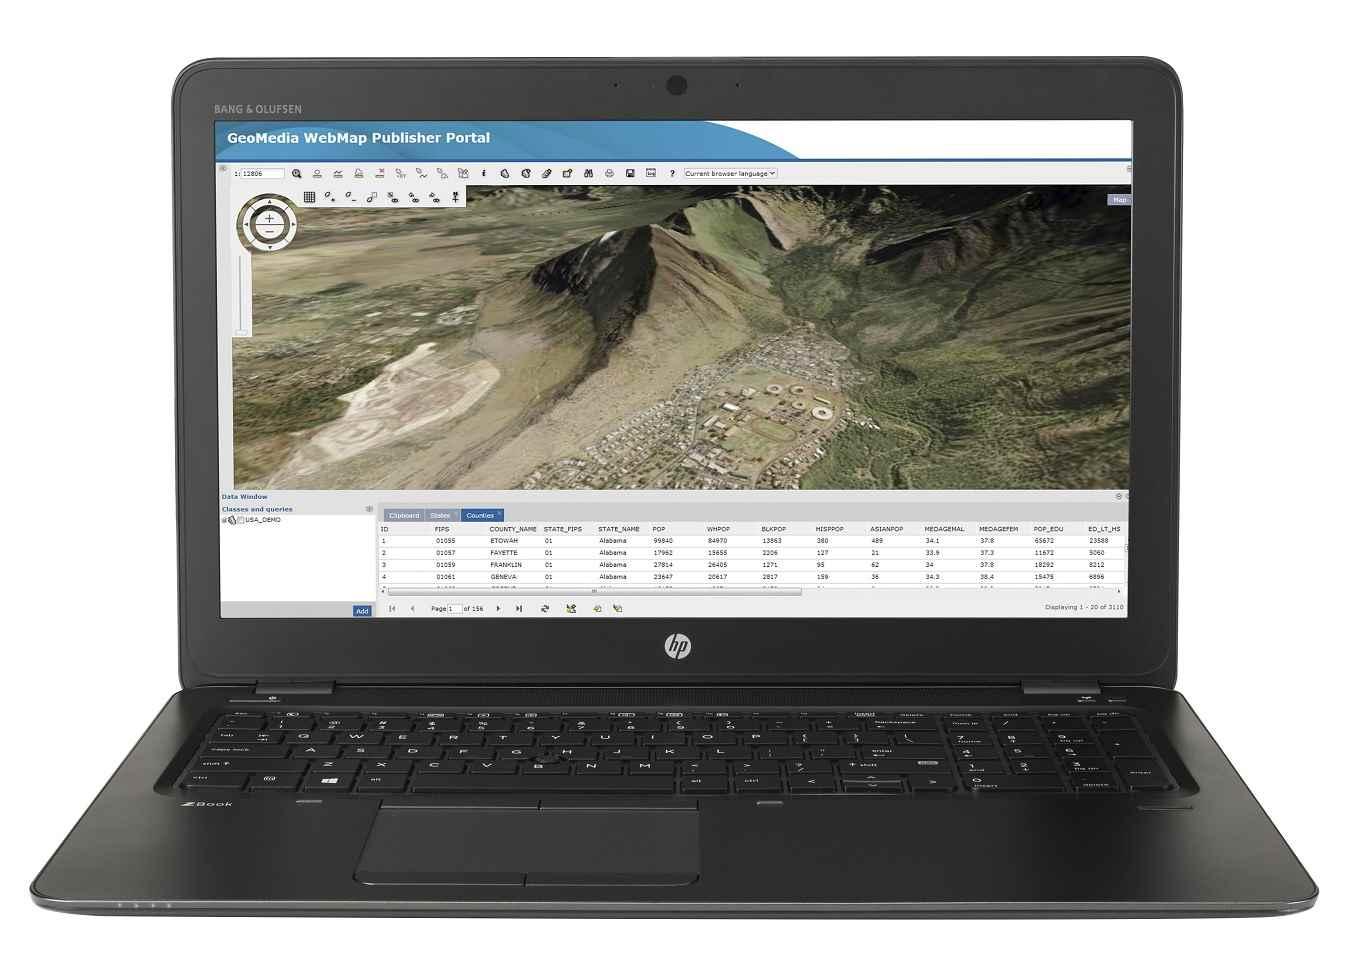 لپ تاپ استوک اچ پی مدل HP ZBOOK 15U G3 با مشخصات i5-6gen-8GB-256GB-SSD-2GB-Amd-Firepro-W4190M